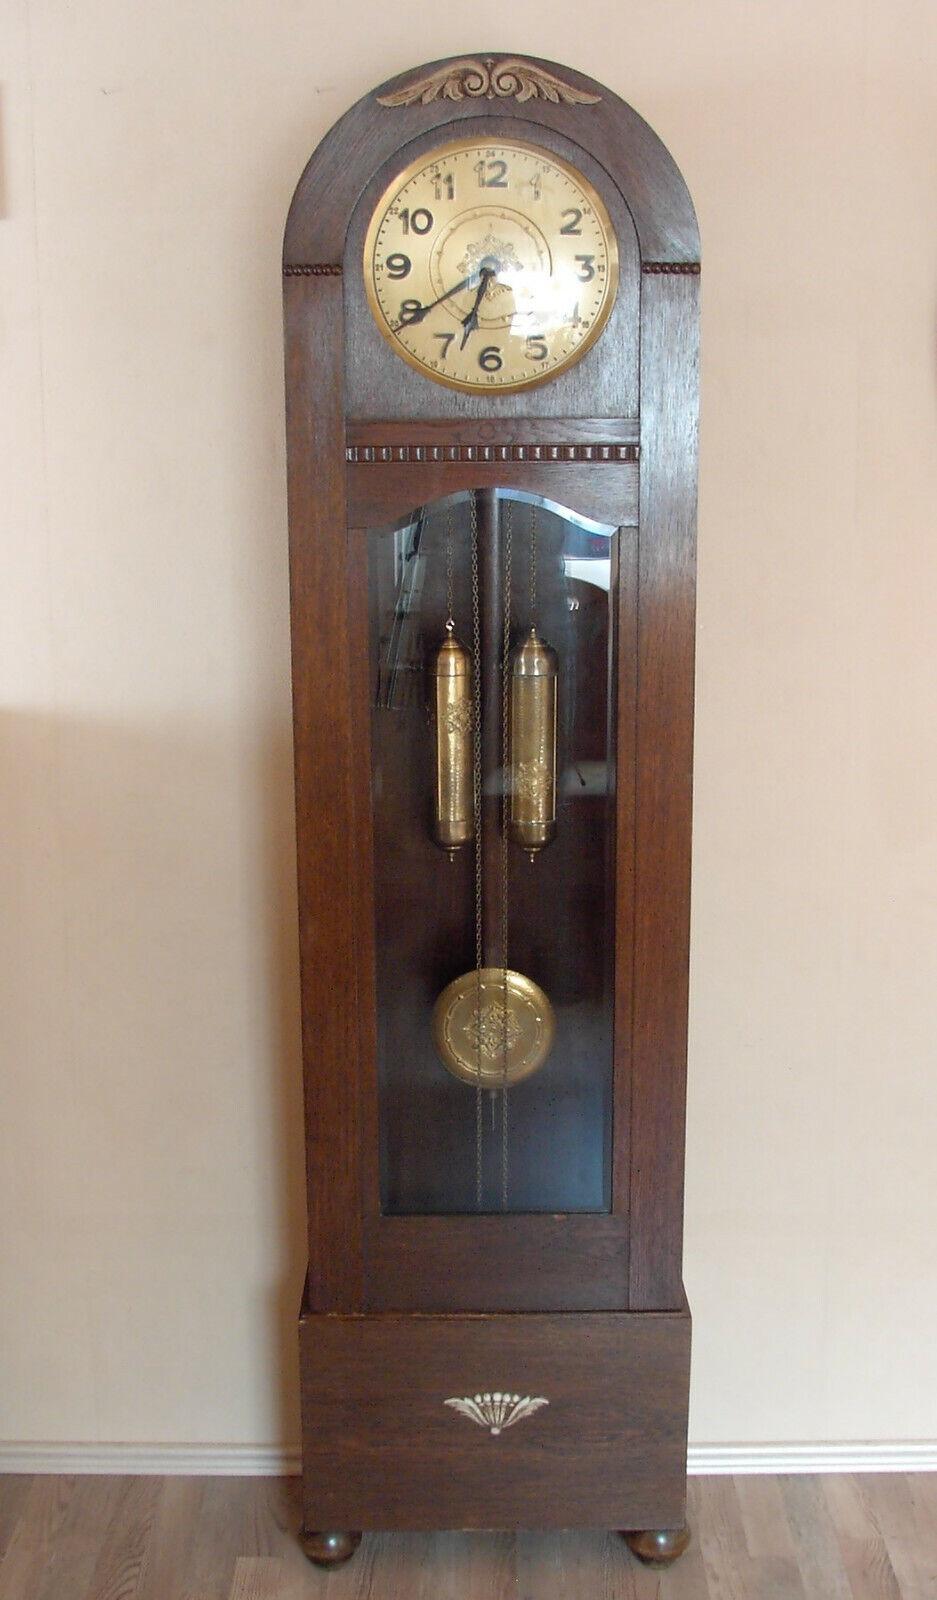 Antike Standuhr, Uhr, Gustav Becker, Jugendstil, Funktionstüchtig, 7 Klangstäbe